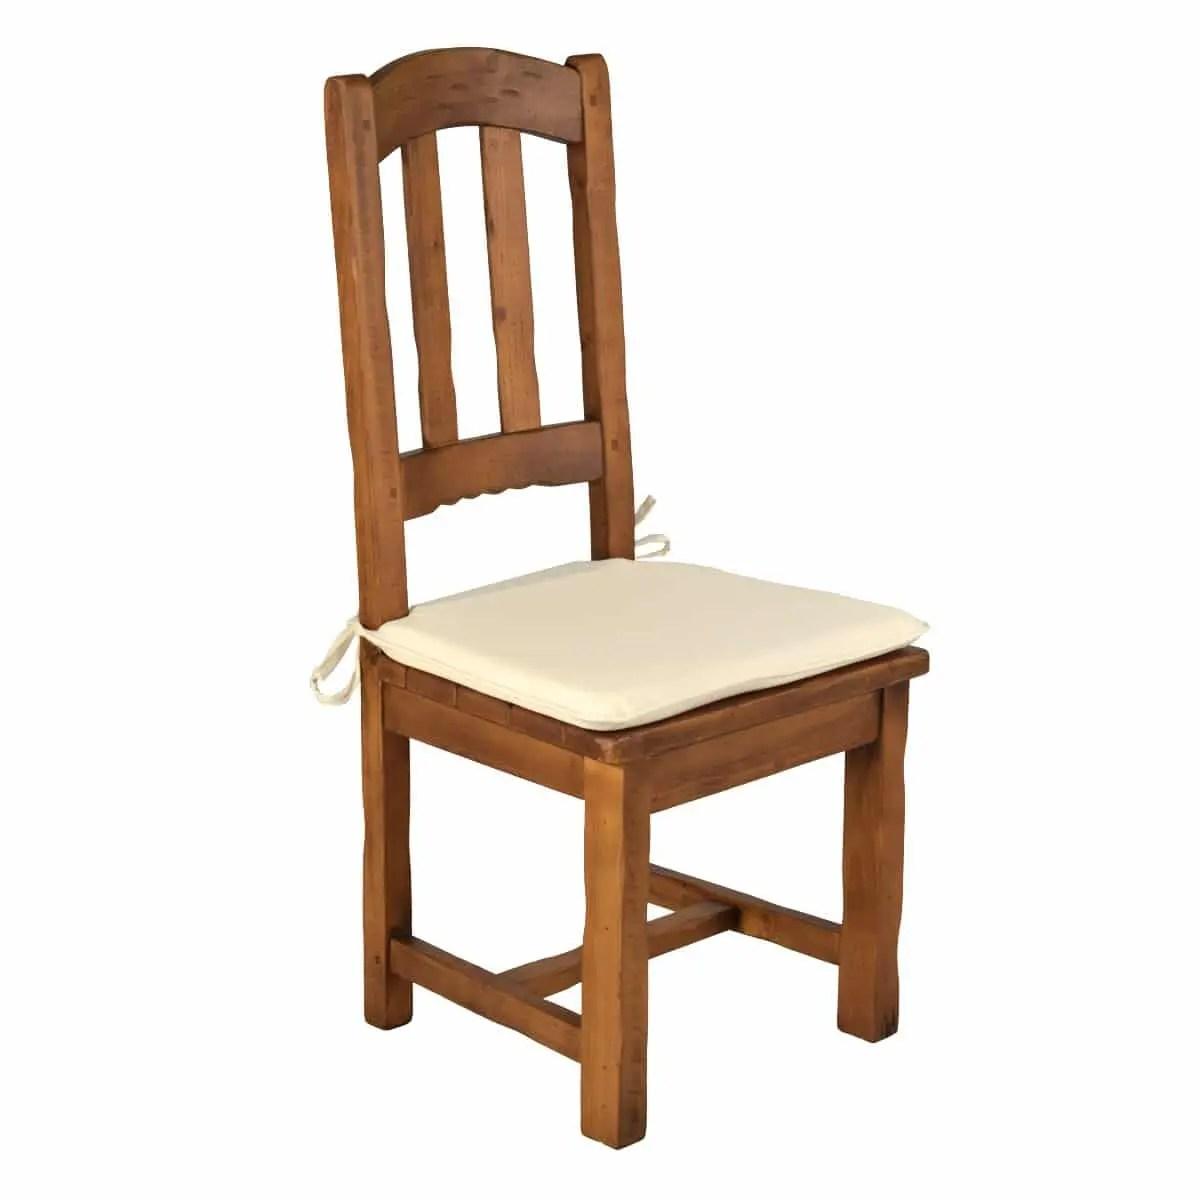 Silla alta rstica asiento de madera Ecorstico venta de